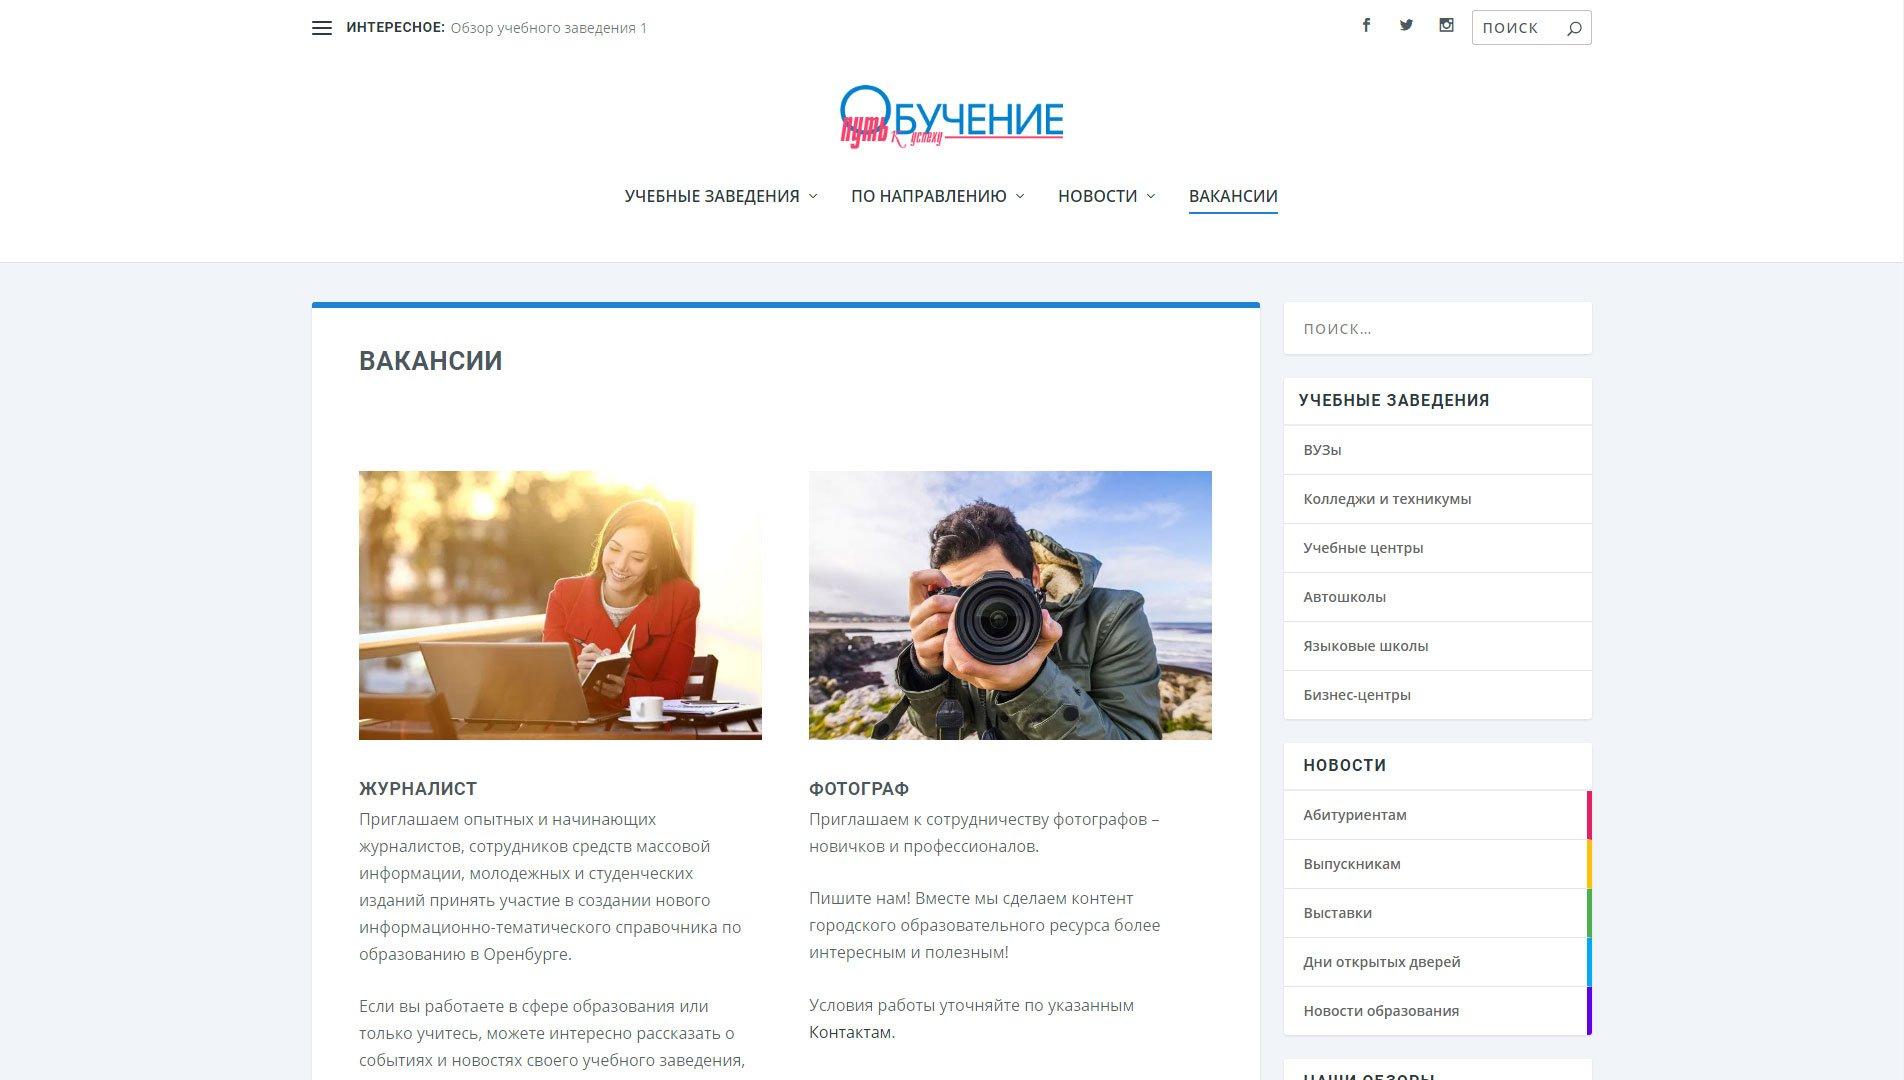 Создание сайта Obuchenie56.ru - Образовательный портал в Оренбурге (9)